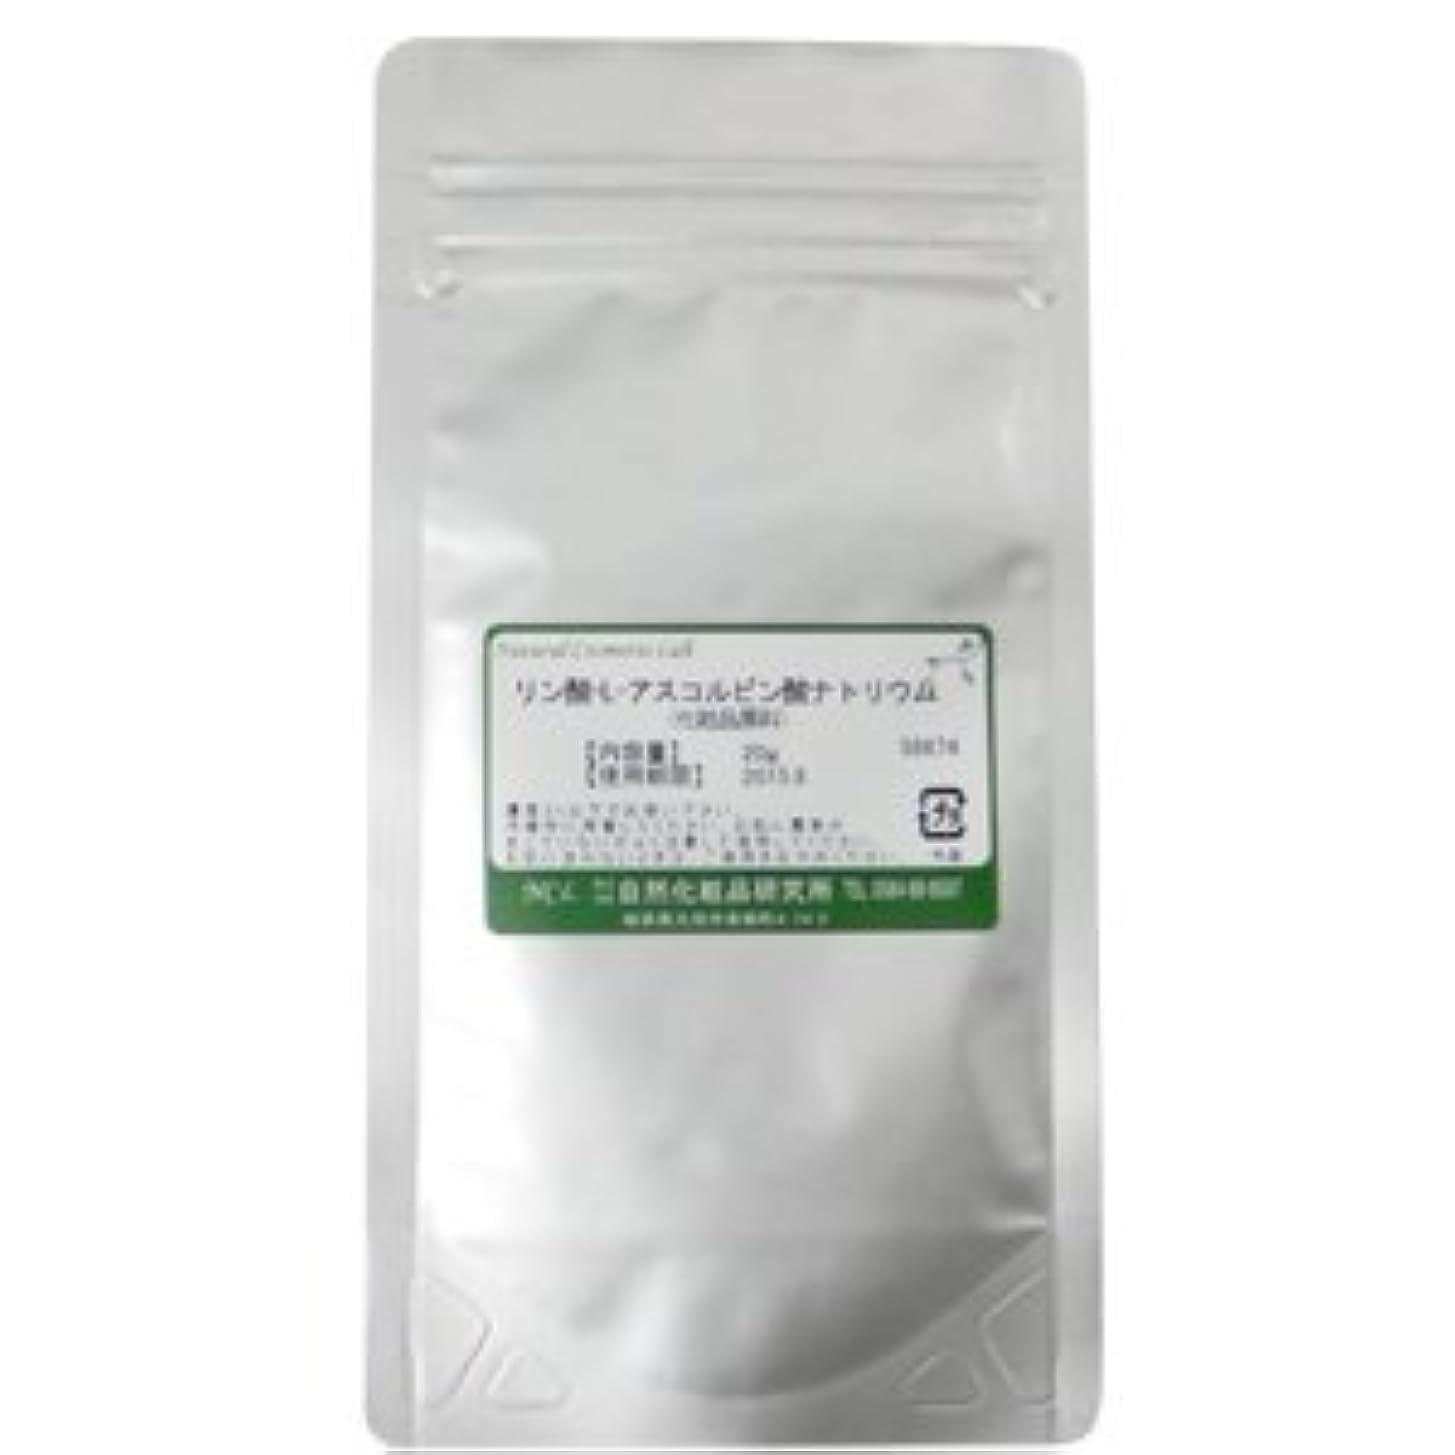 機会作曲家植物のビタミンC誘導体 リン酸-L-アスコルビン酸ナトリウム 化粧品原料 20g